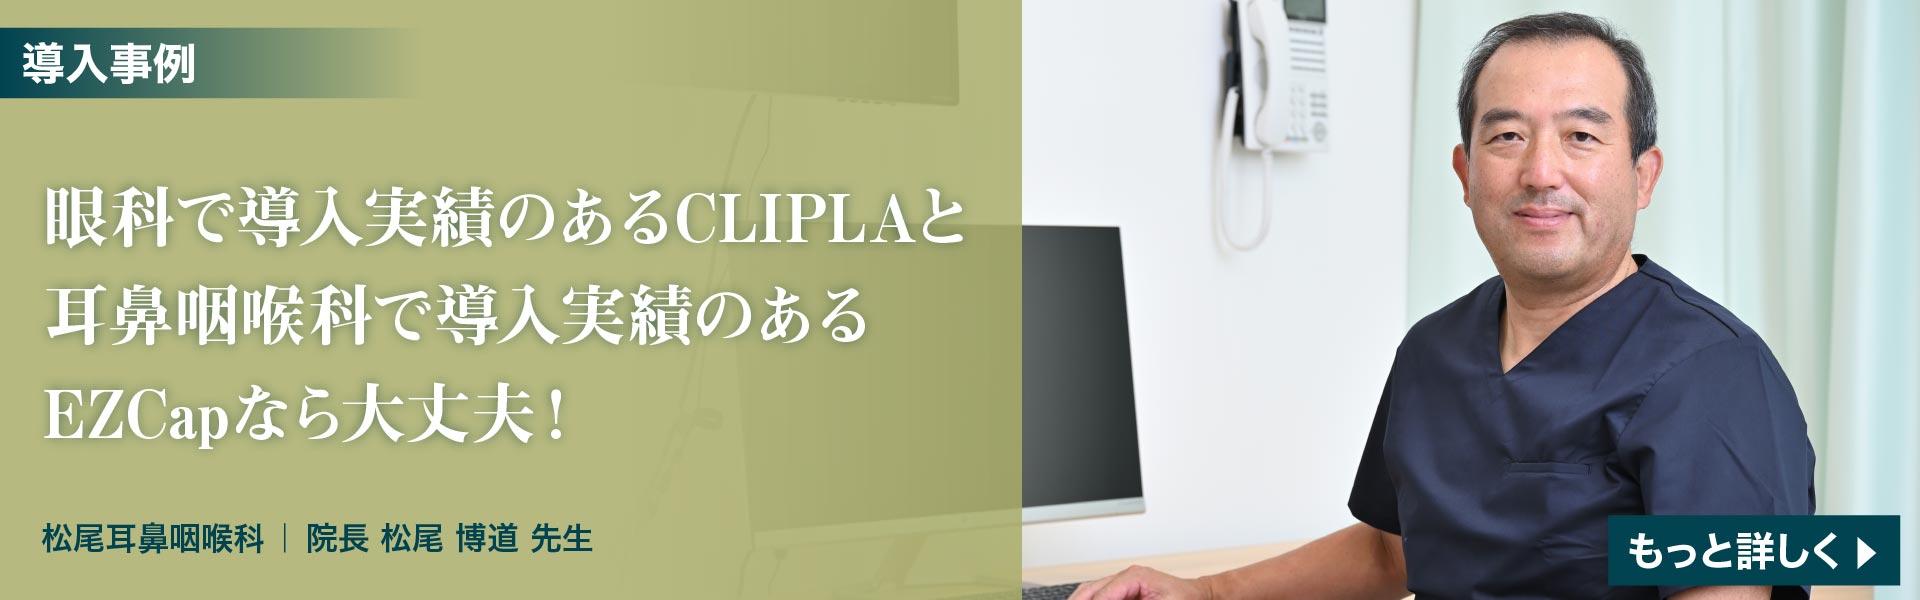 耳鼻咽喉科向けクラウド電子カルテ「CLIPLA ENT(クリプラエント)」導入事例